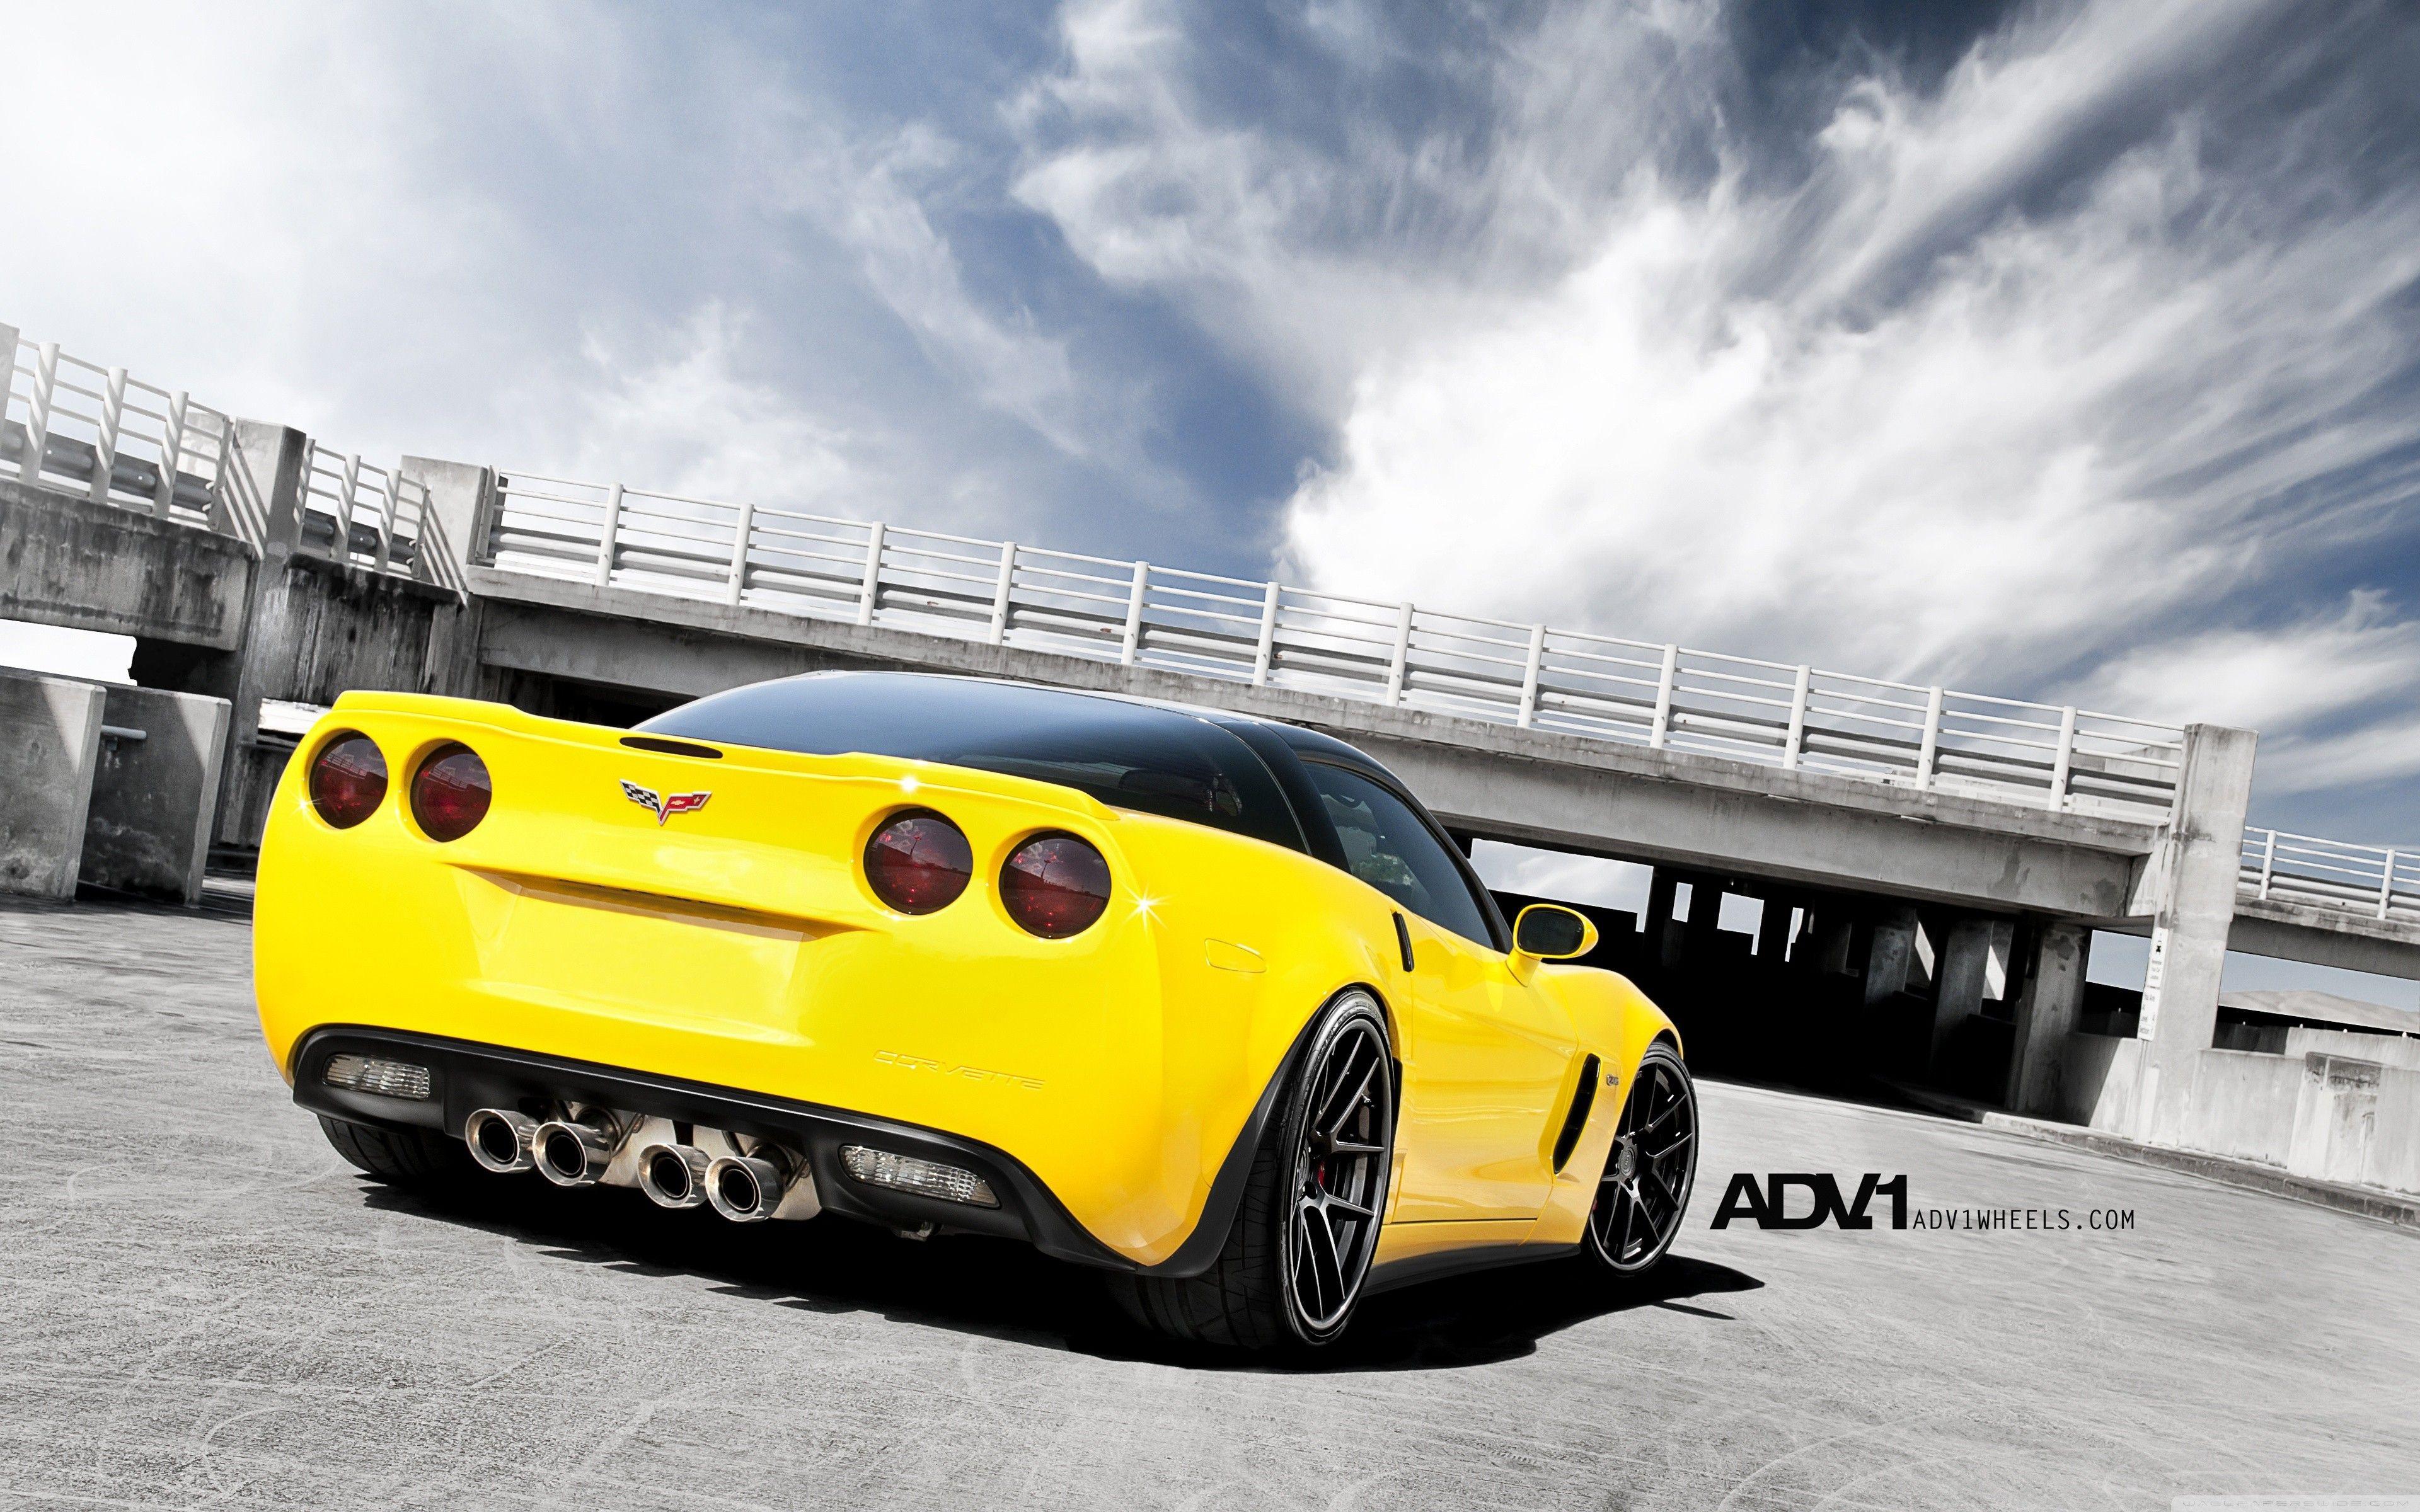 Corvette z06 yellow adv 1 adv1 wheels 3840x2400 z06 yellow adv